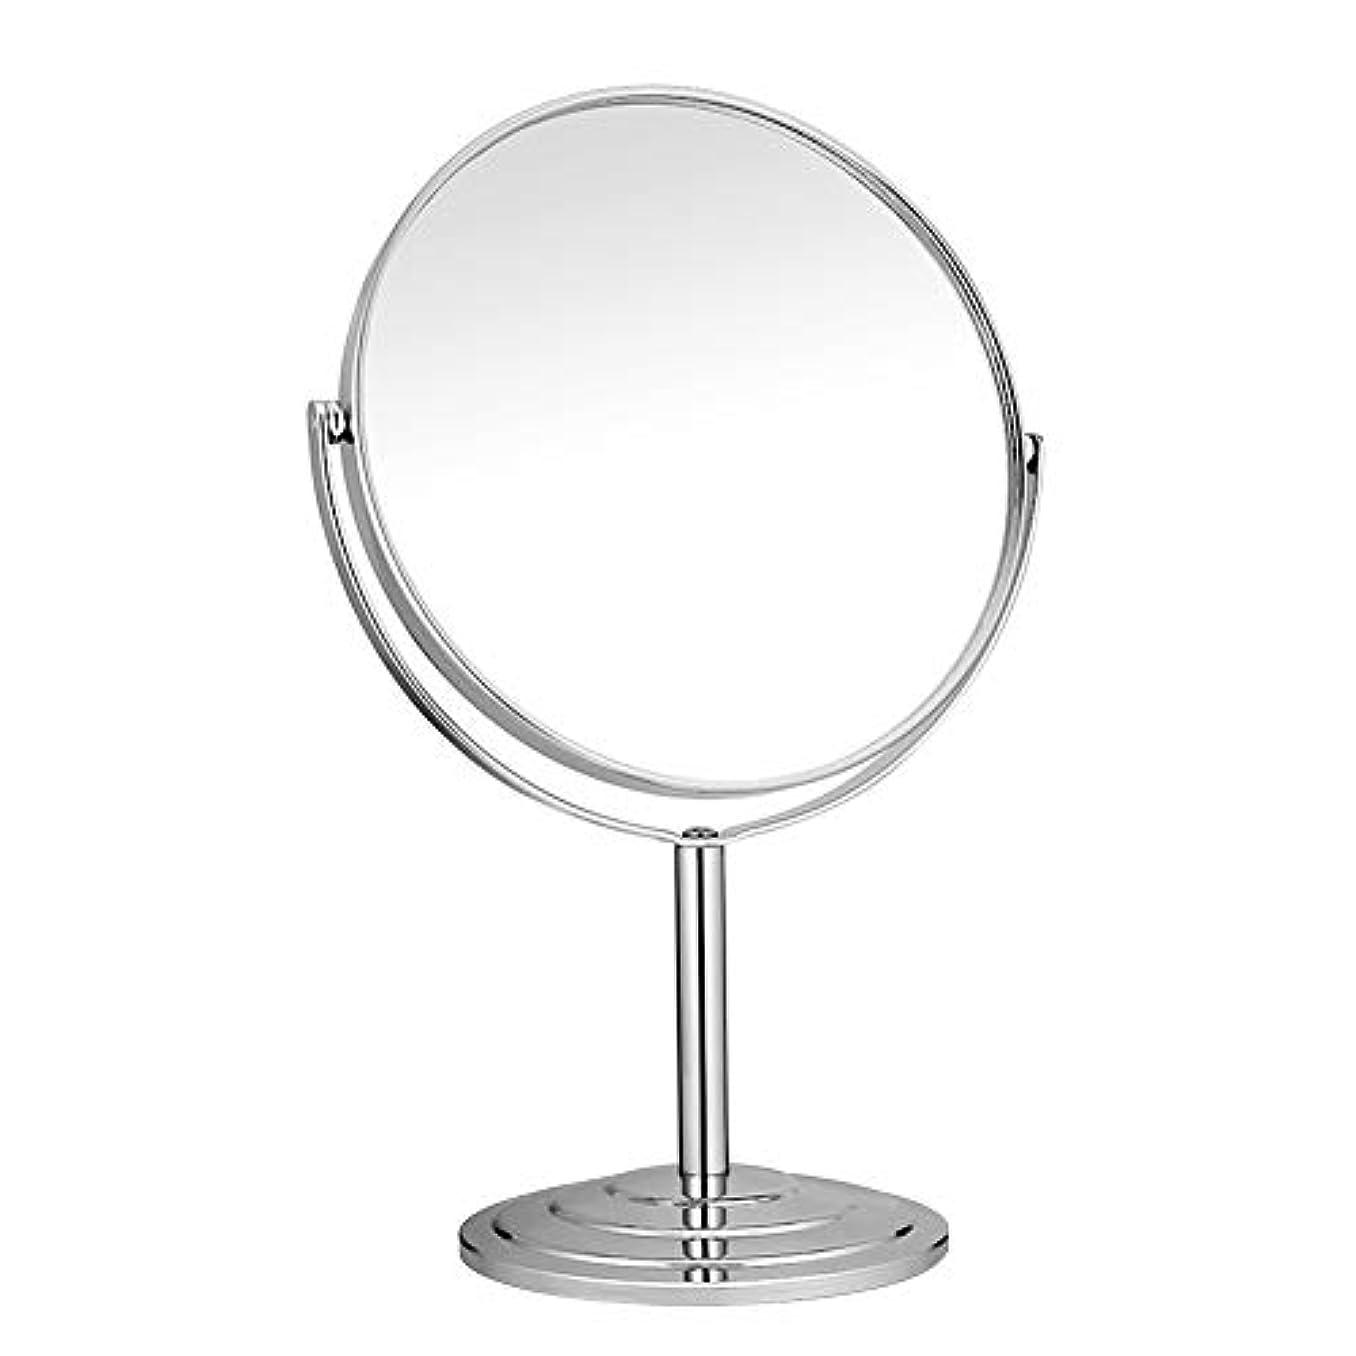 ハンディキャップボトルピカリングRAAKIMO 卓上化粧鏡 メイクミラー 3倍拡大鏡+等倍鏡 両面型 スタンド 360度回転 シルバー (鏡面15cm)